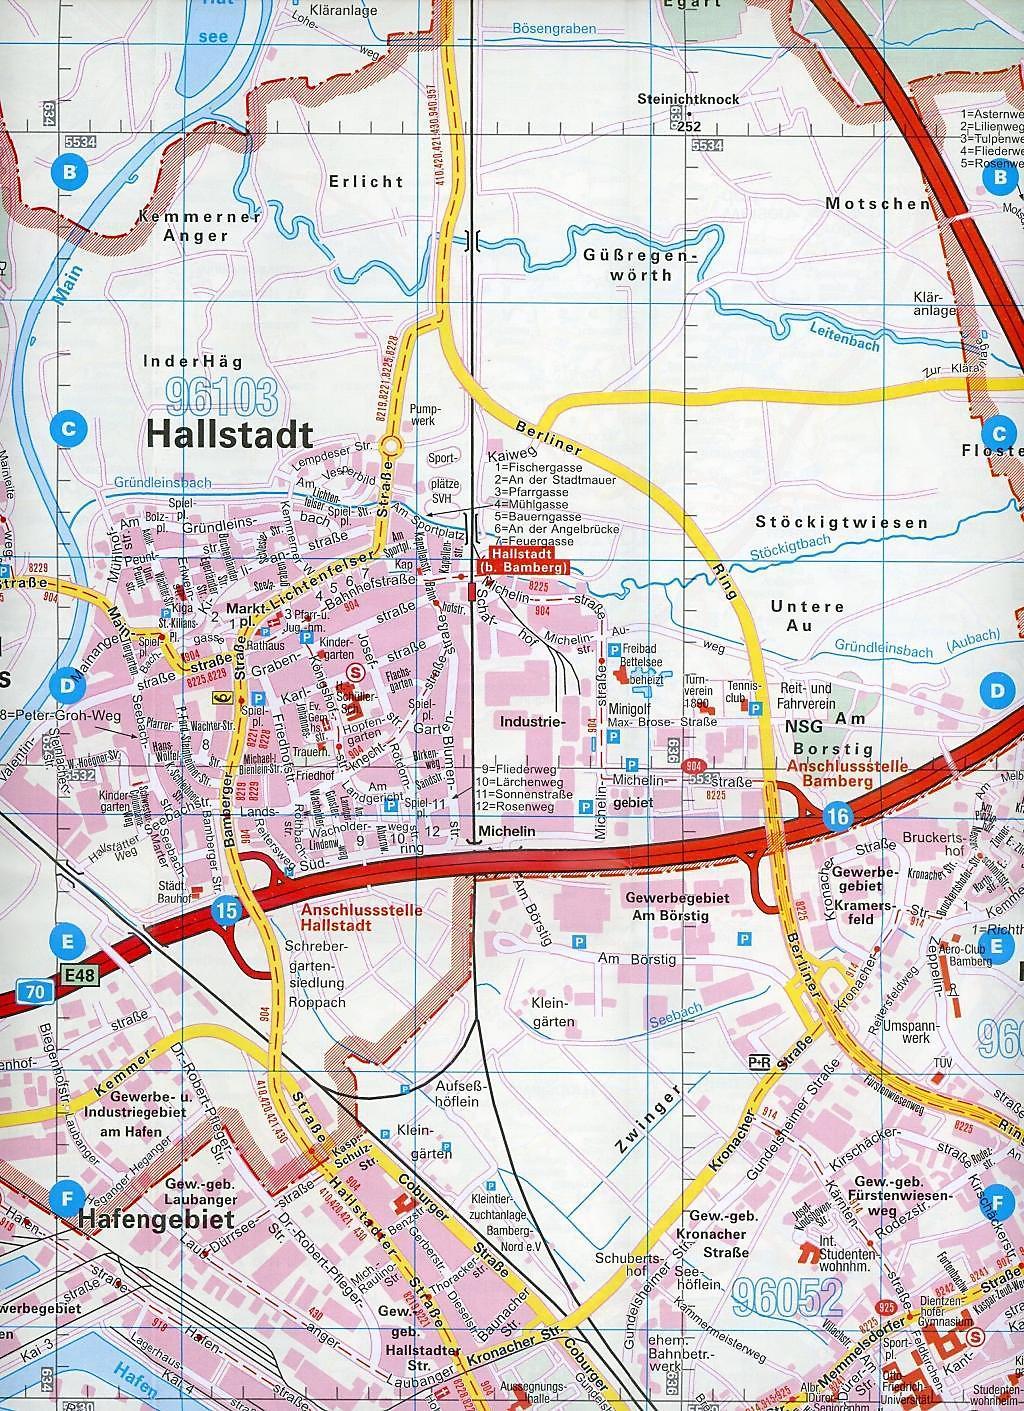 Karte Bamberg Landkarte.Falk Plan Bamberg Buch Jetzt Bei Weltbild De Online Bestellen